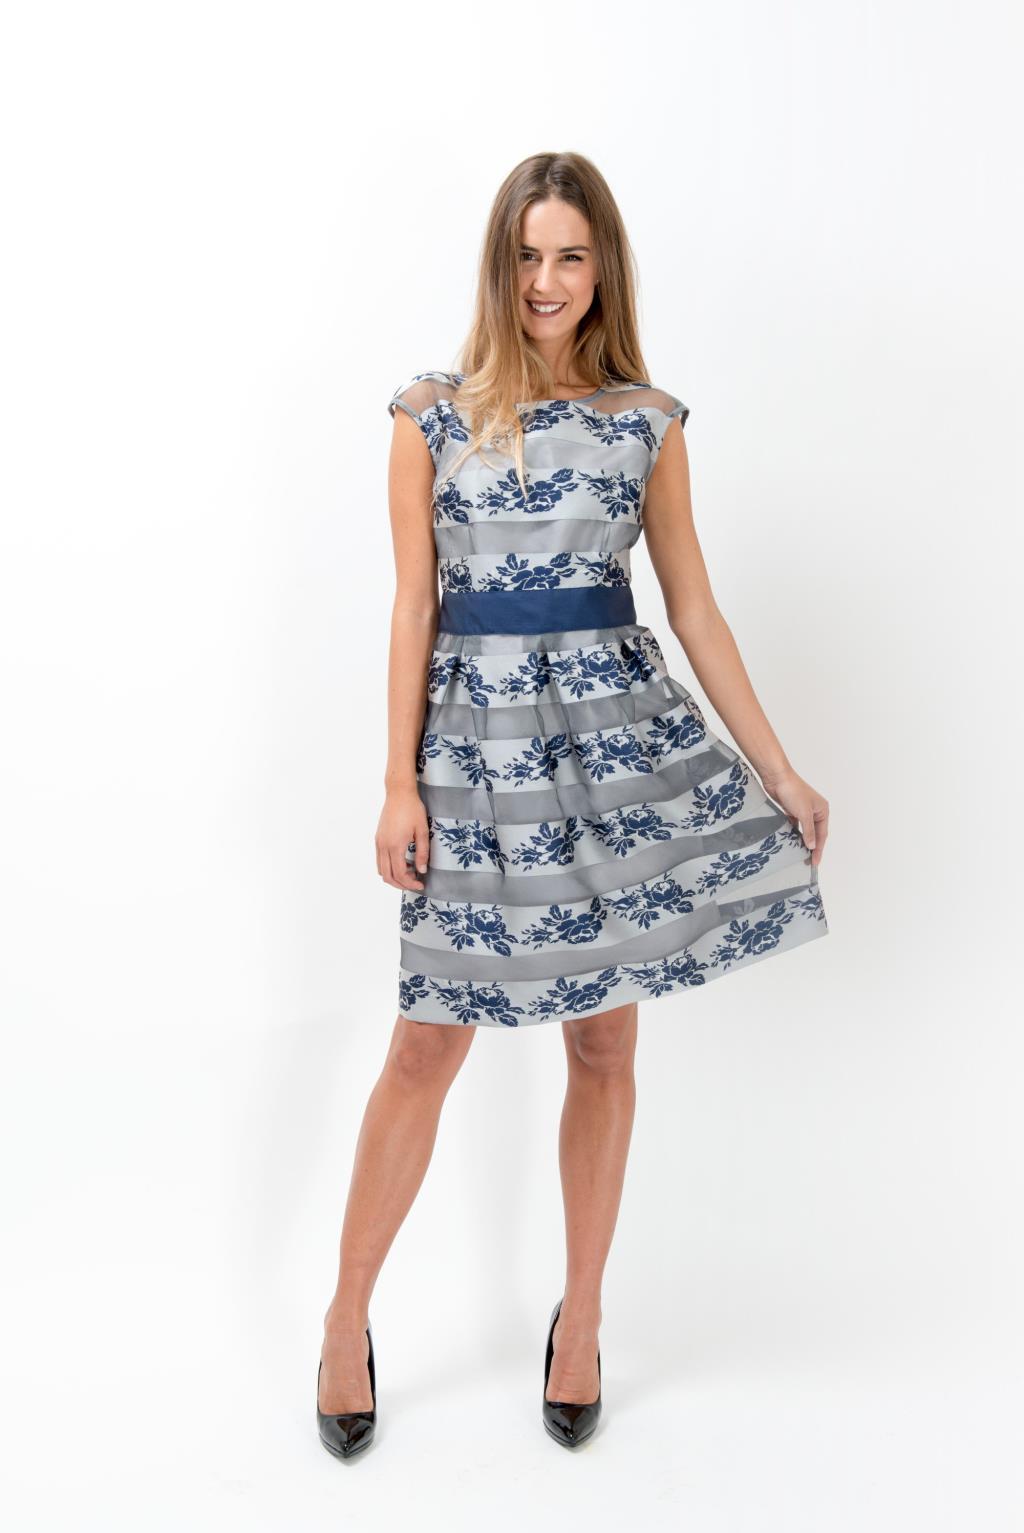 vendita abbigliamento donna Parma